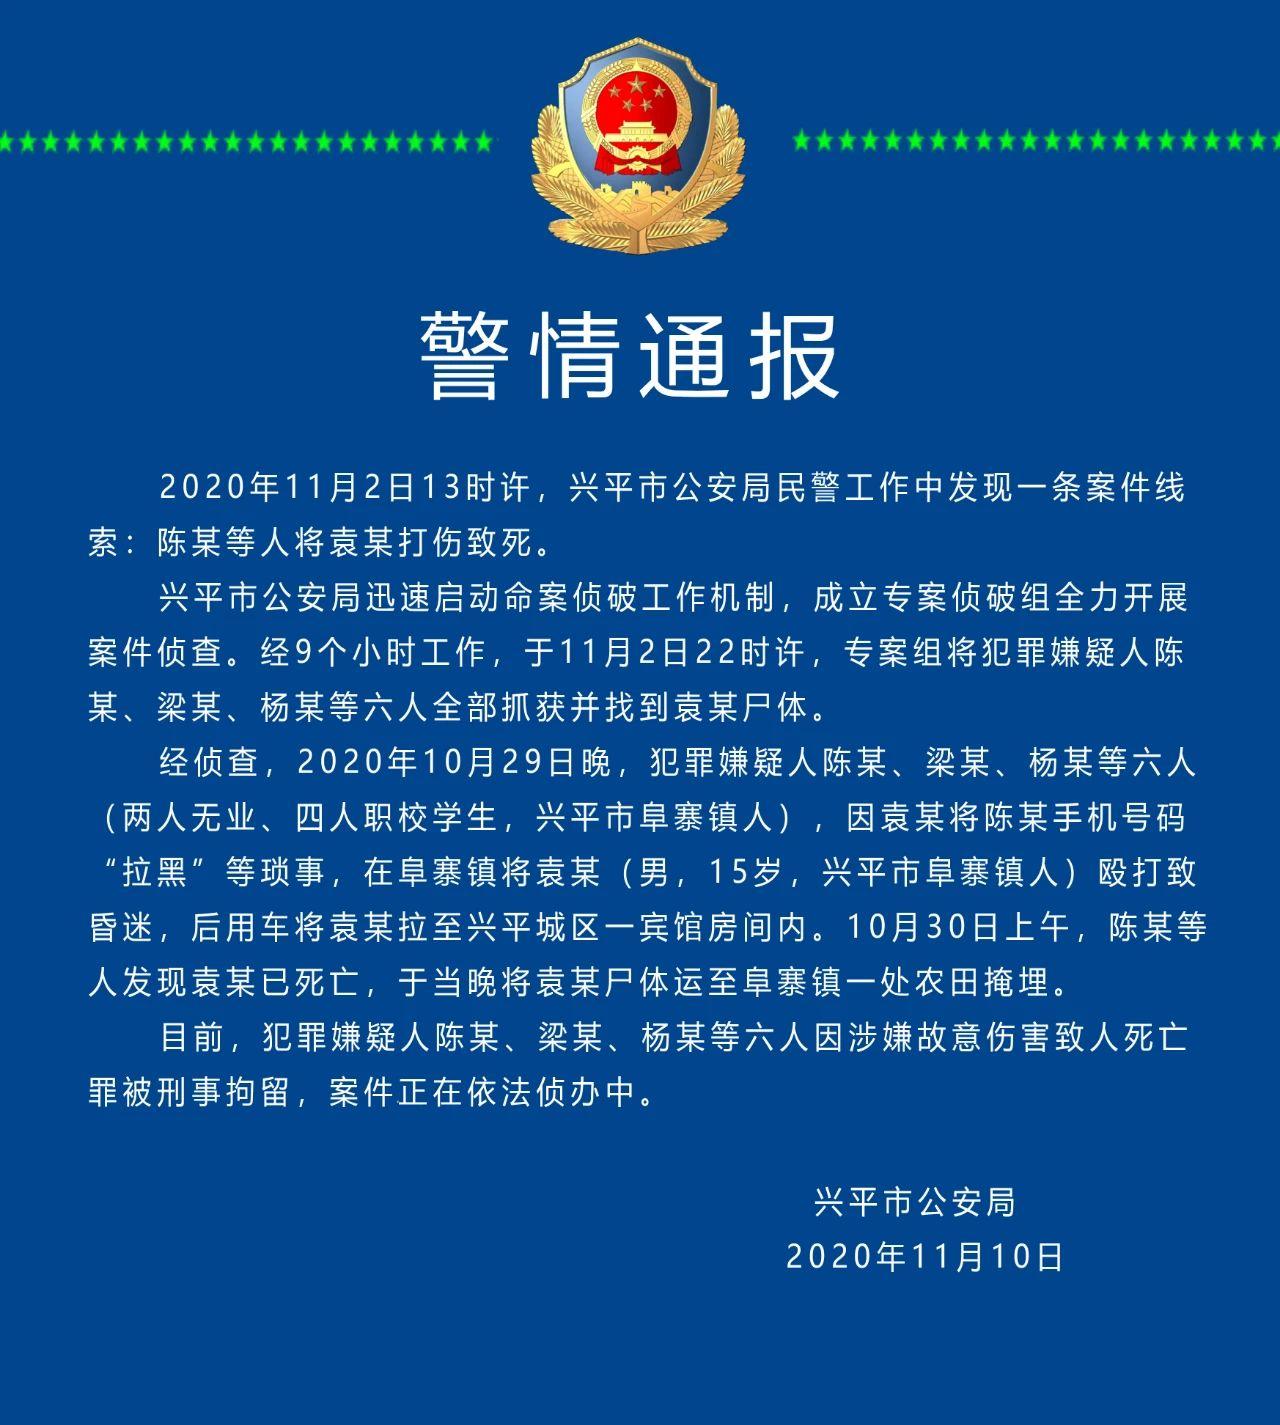 陕西兴平警方通报15岁少年遭围殴致死后被埋案:原因系死者将其中一人电话拉黑